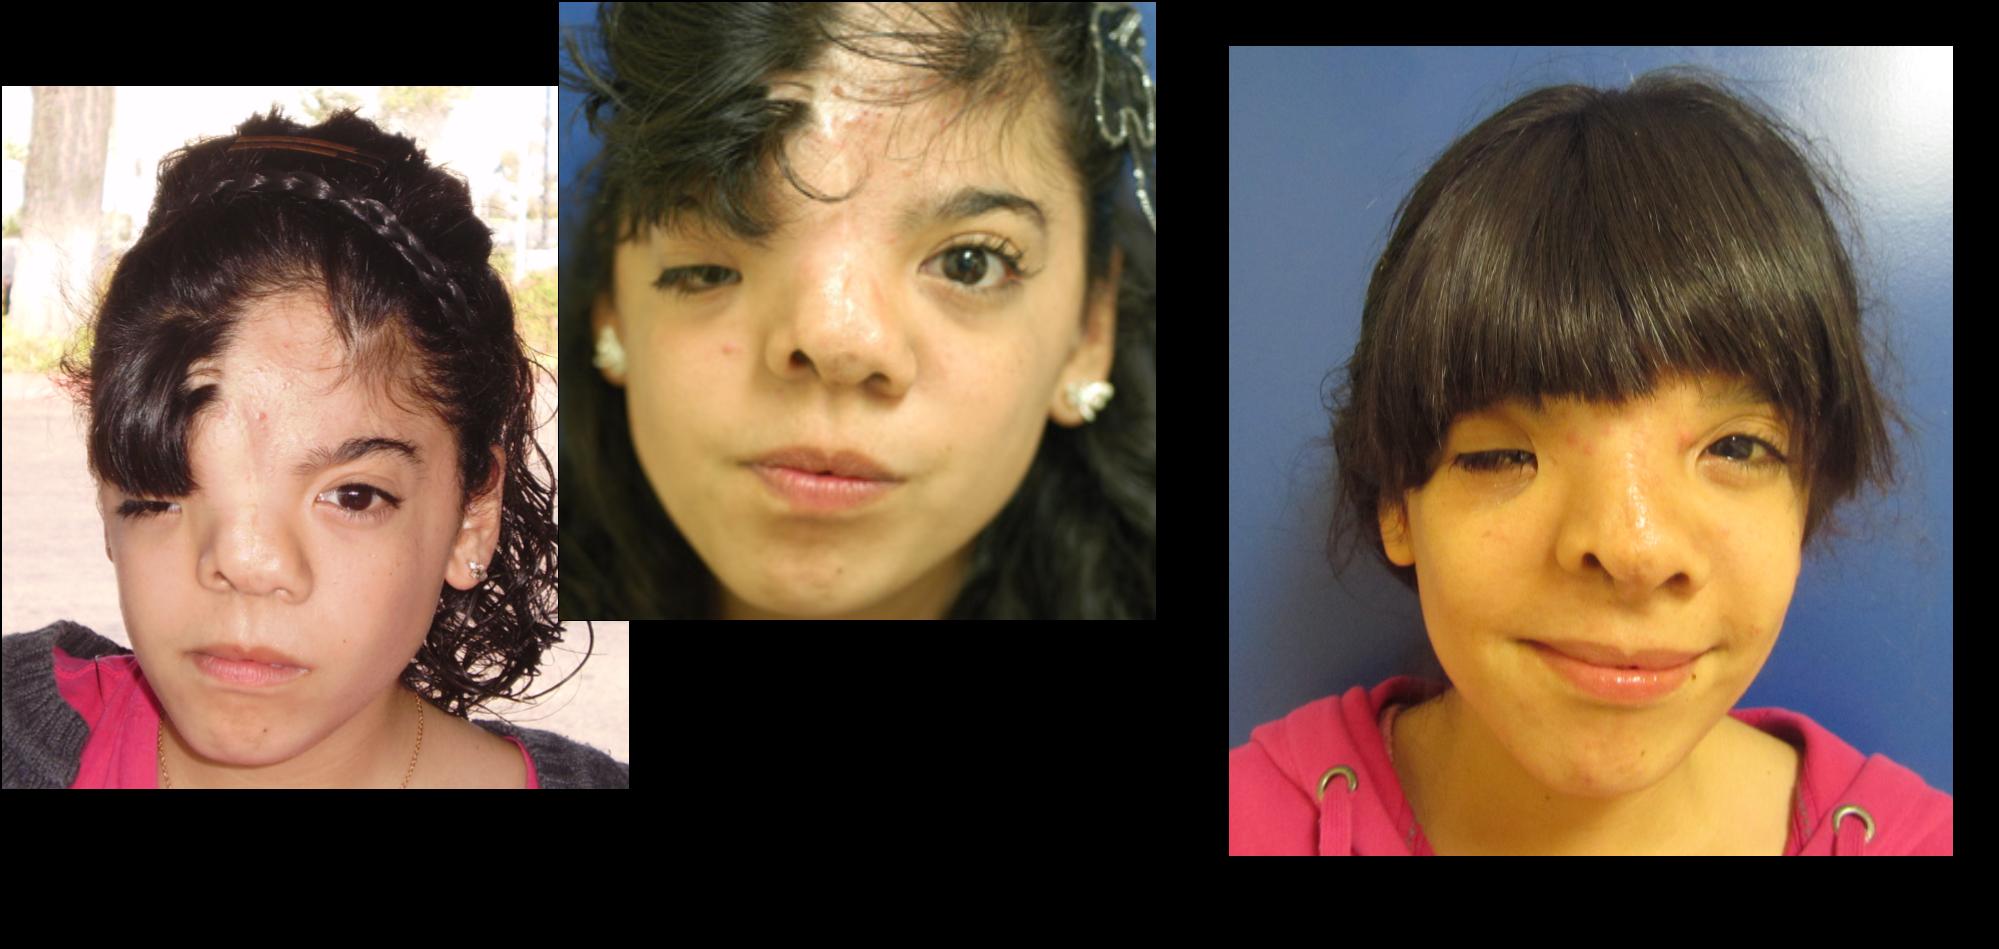 Cranial facial anomalies